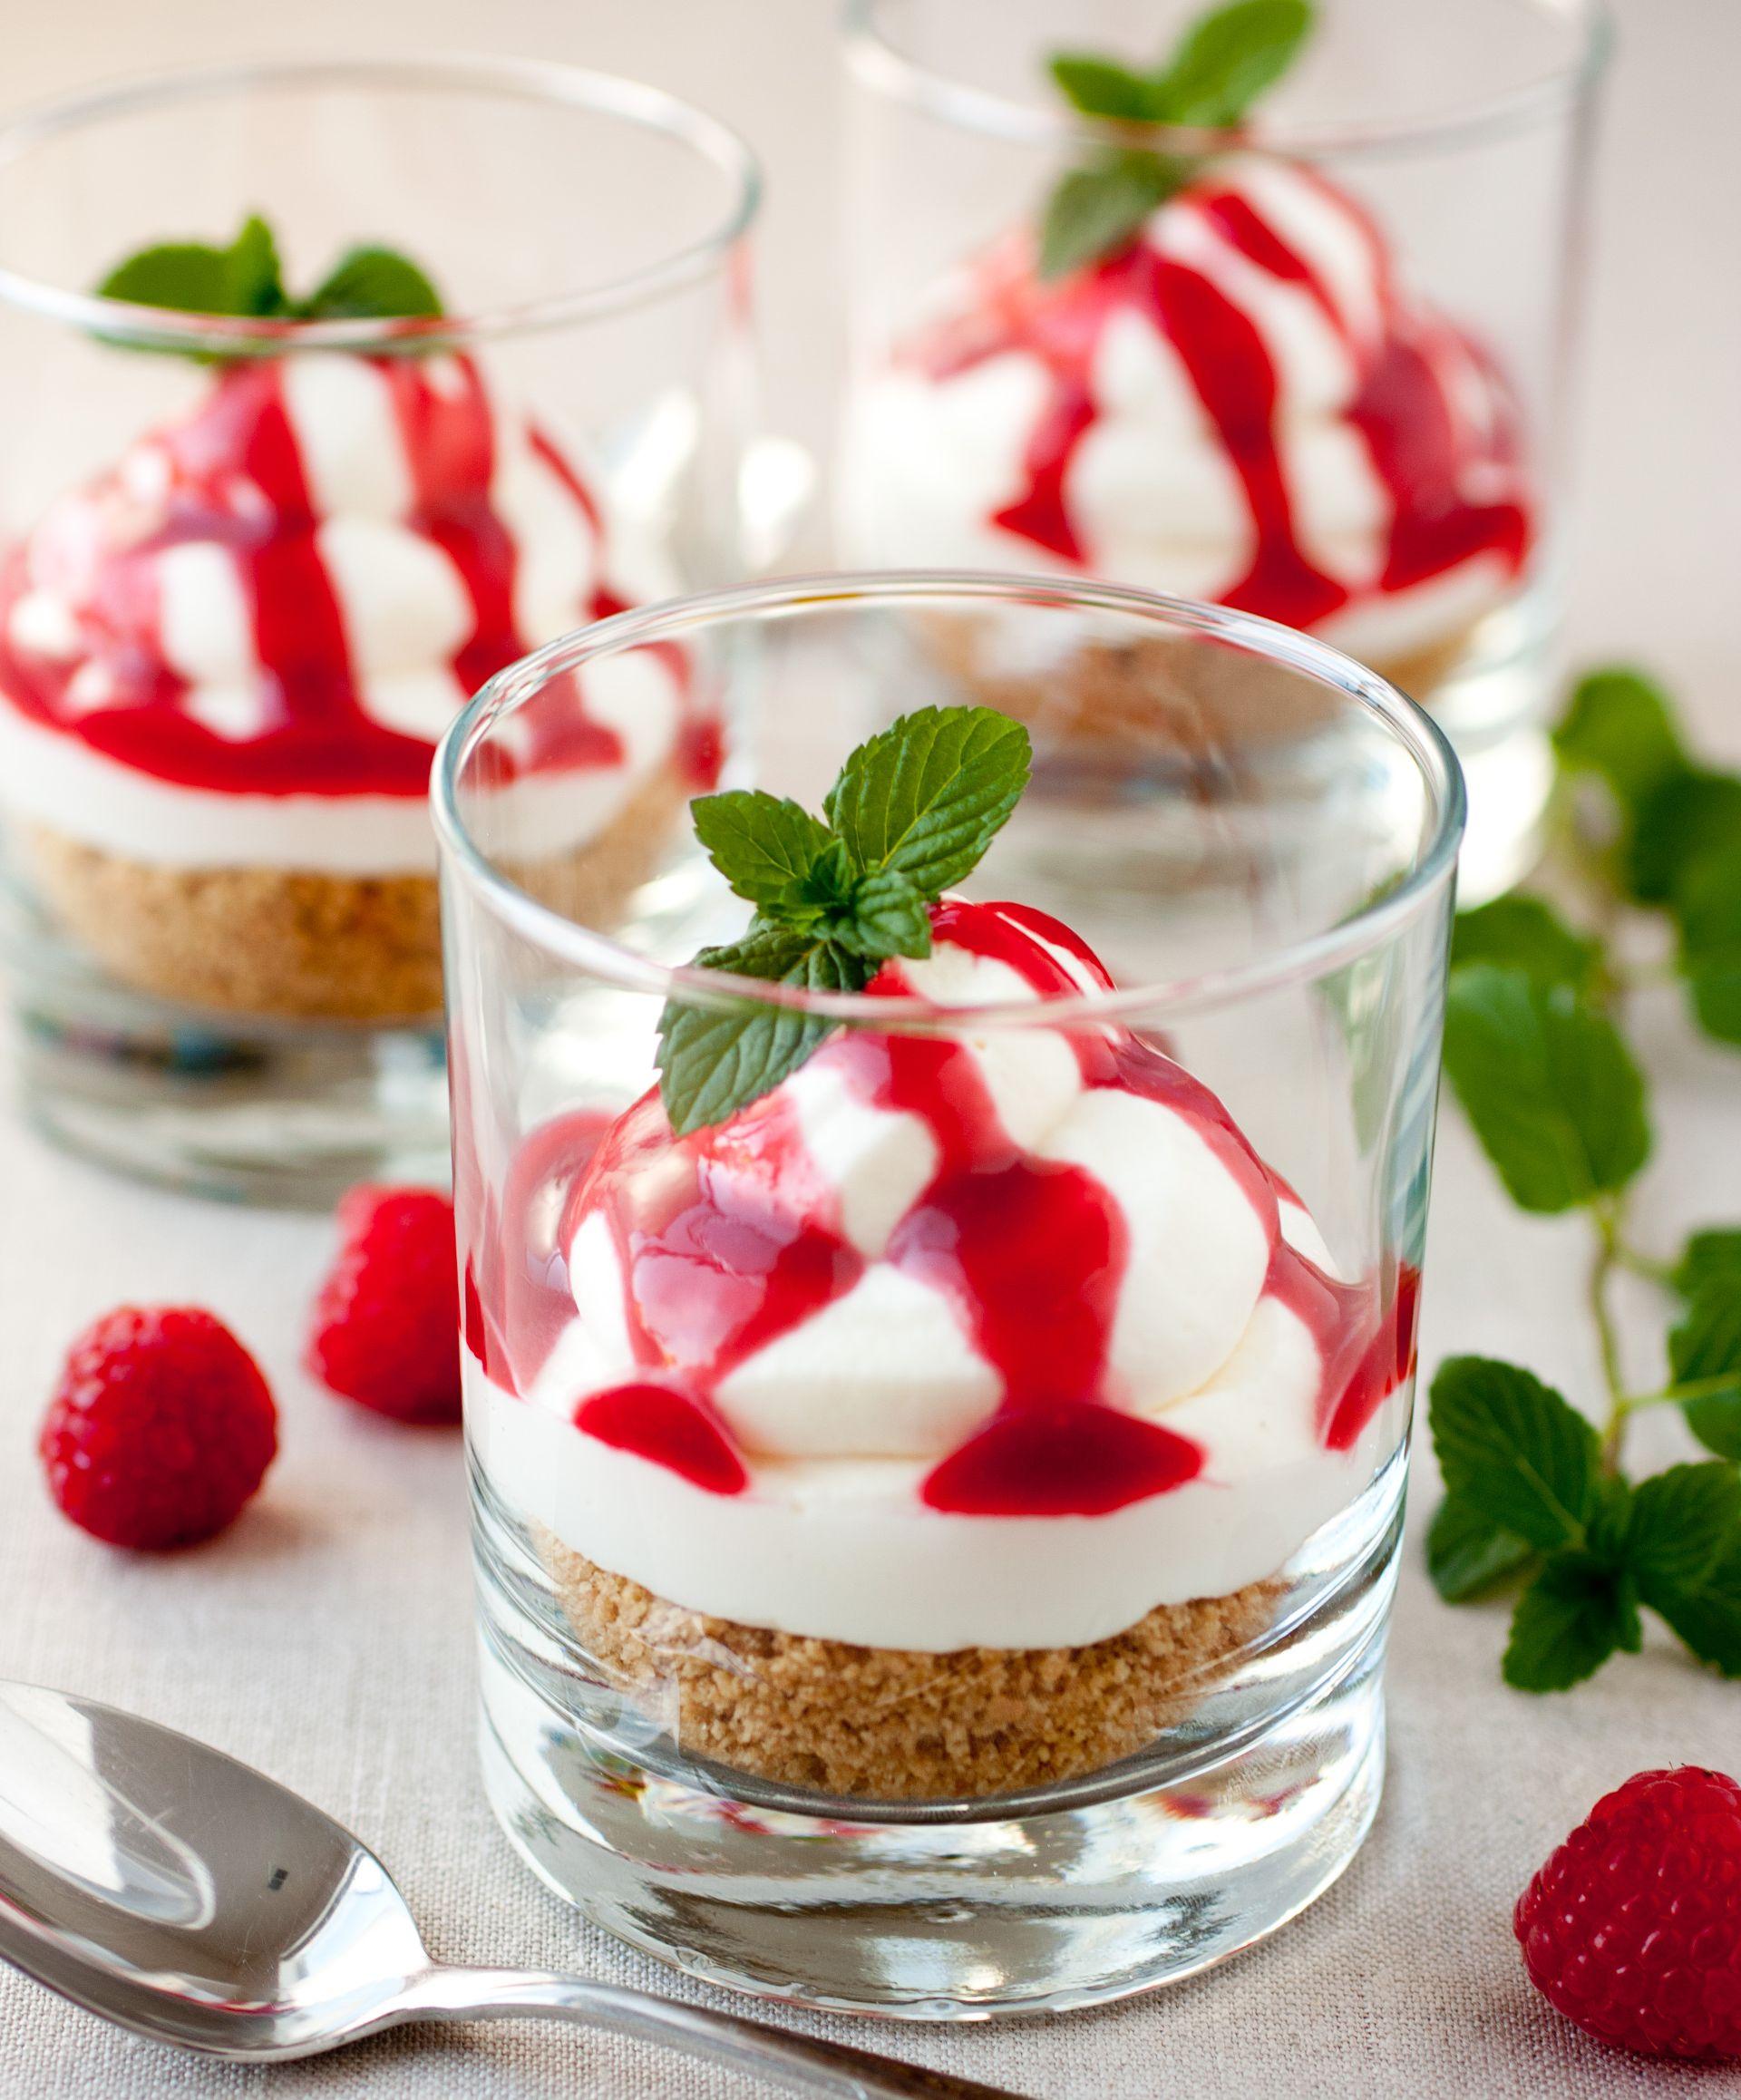 Μους τυριών με κρέμα φράουλα